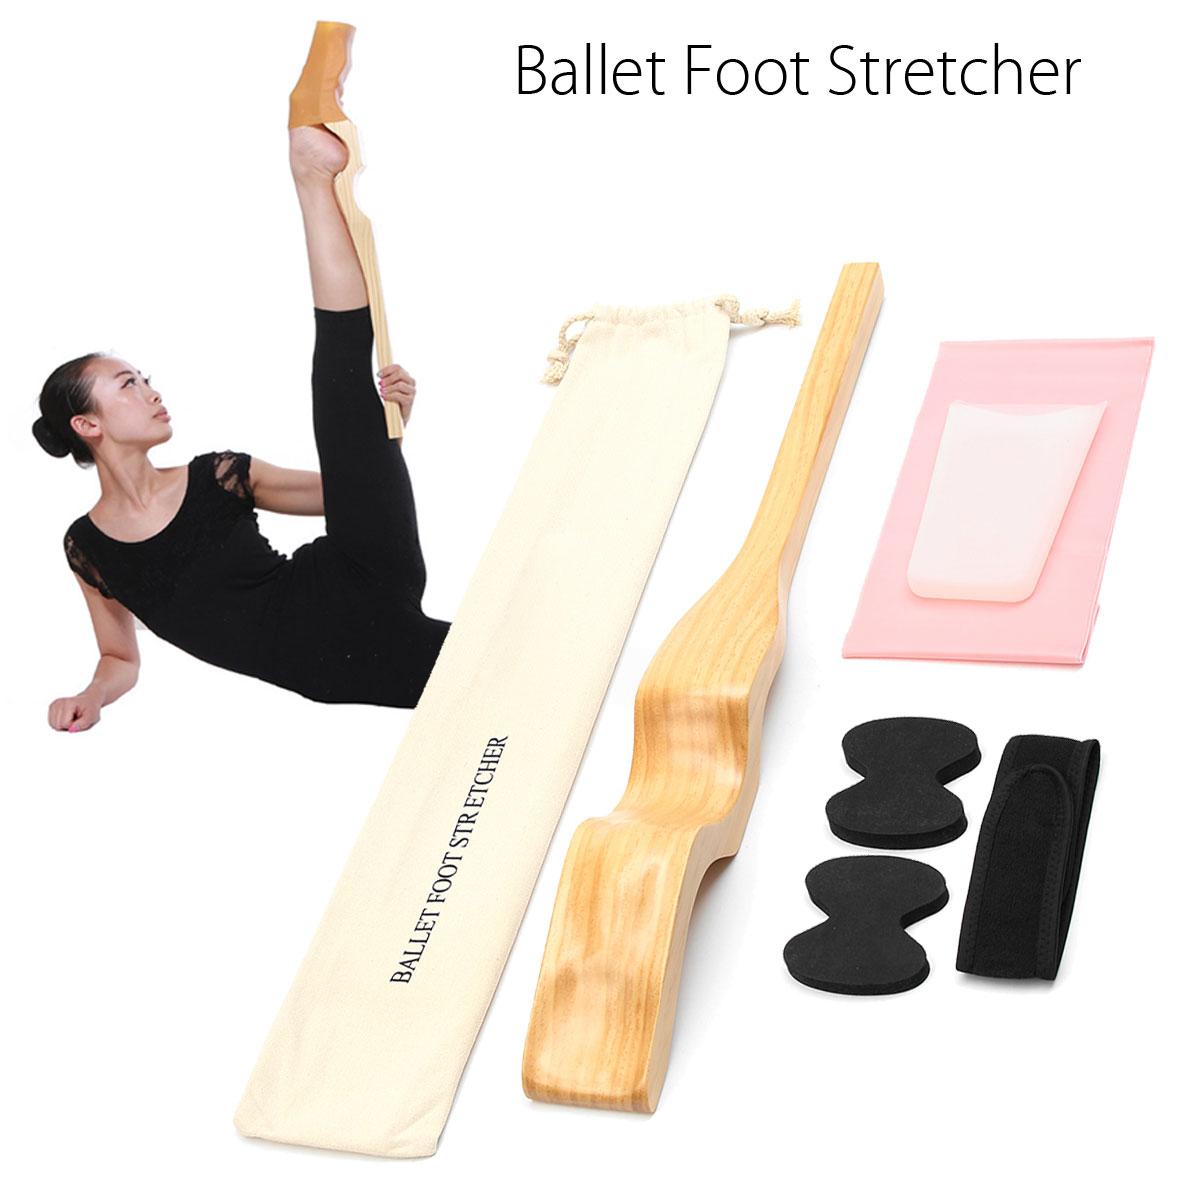 Bois Ballet Pied Stretch Pour Danseur De Massage, femmes Lady Ballet Danse En Bois Arc Enhancer avec Tension Sangle Élastique Pour Le Yoga